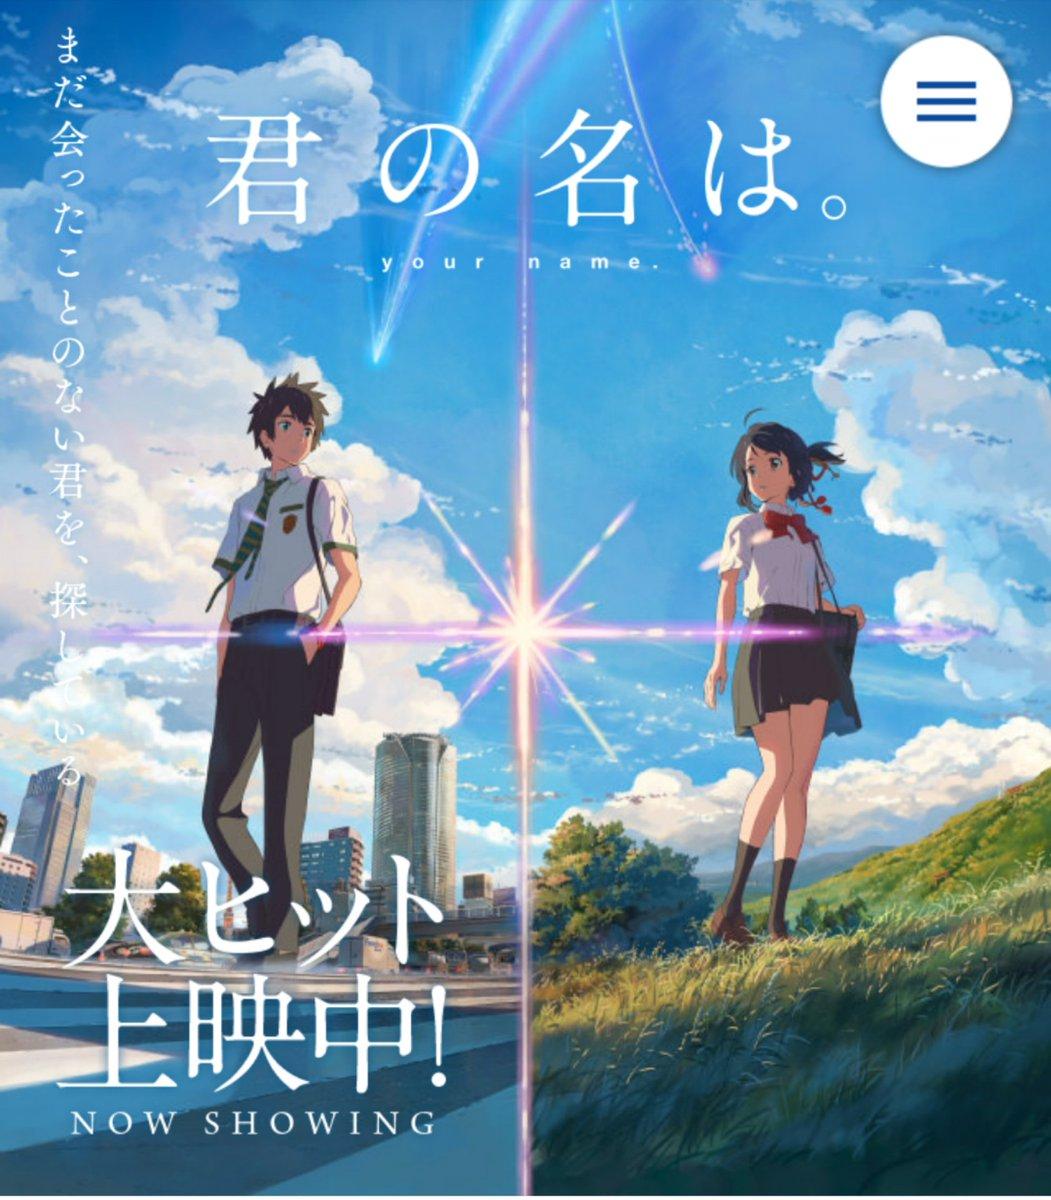 일본에서 인기 영화『君の名は。』를 보았다(^-^)/엄청 재미 있었어요!!!!!!일본 오면 봐 ♪추워 때문에